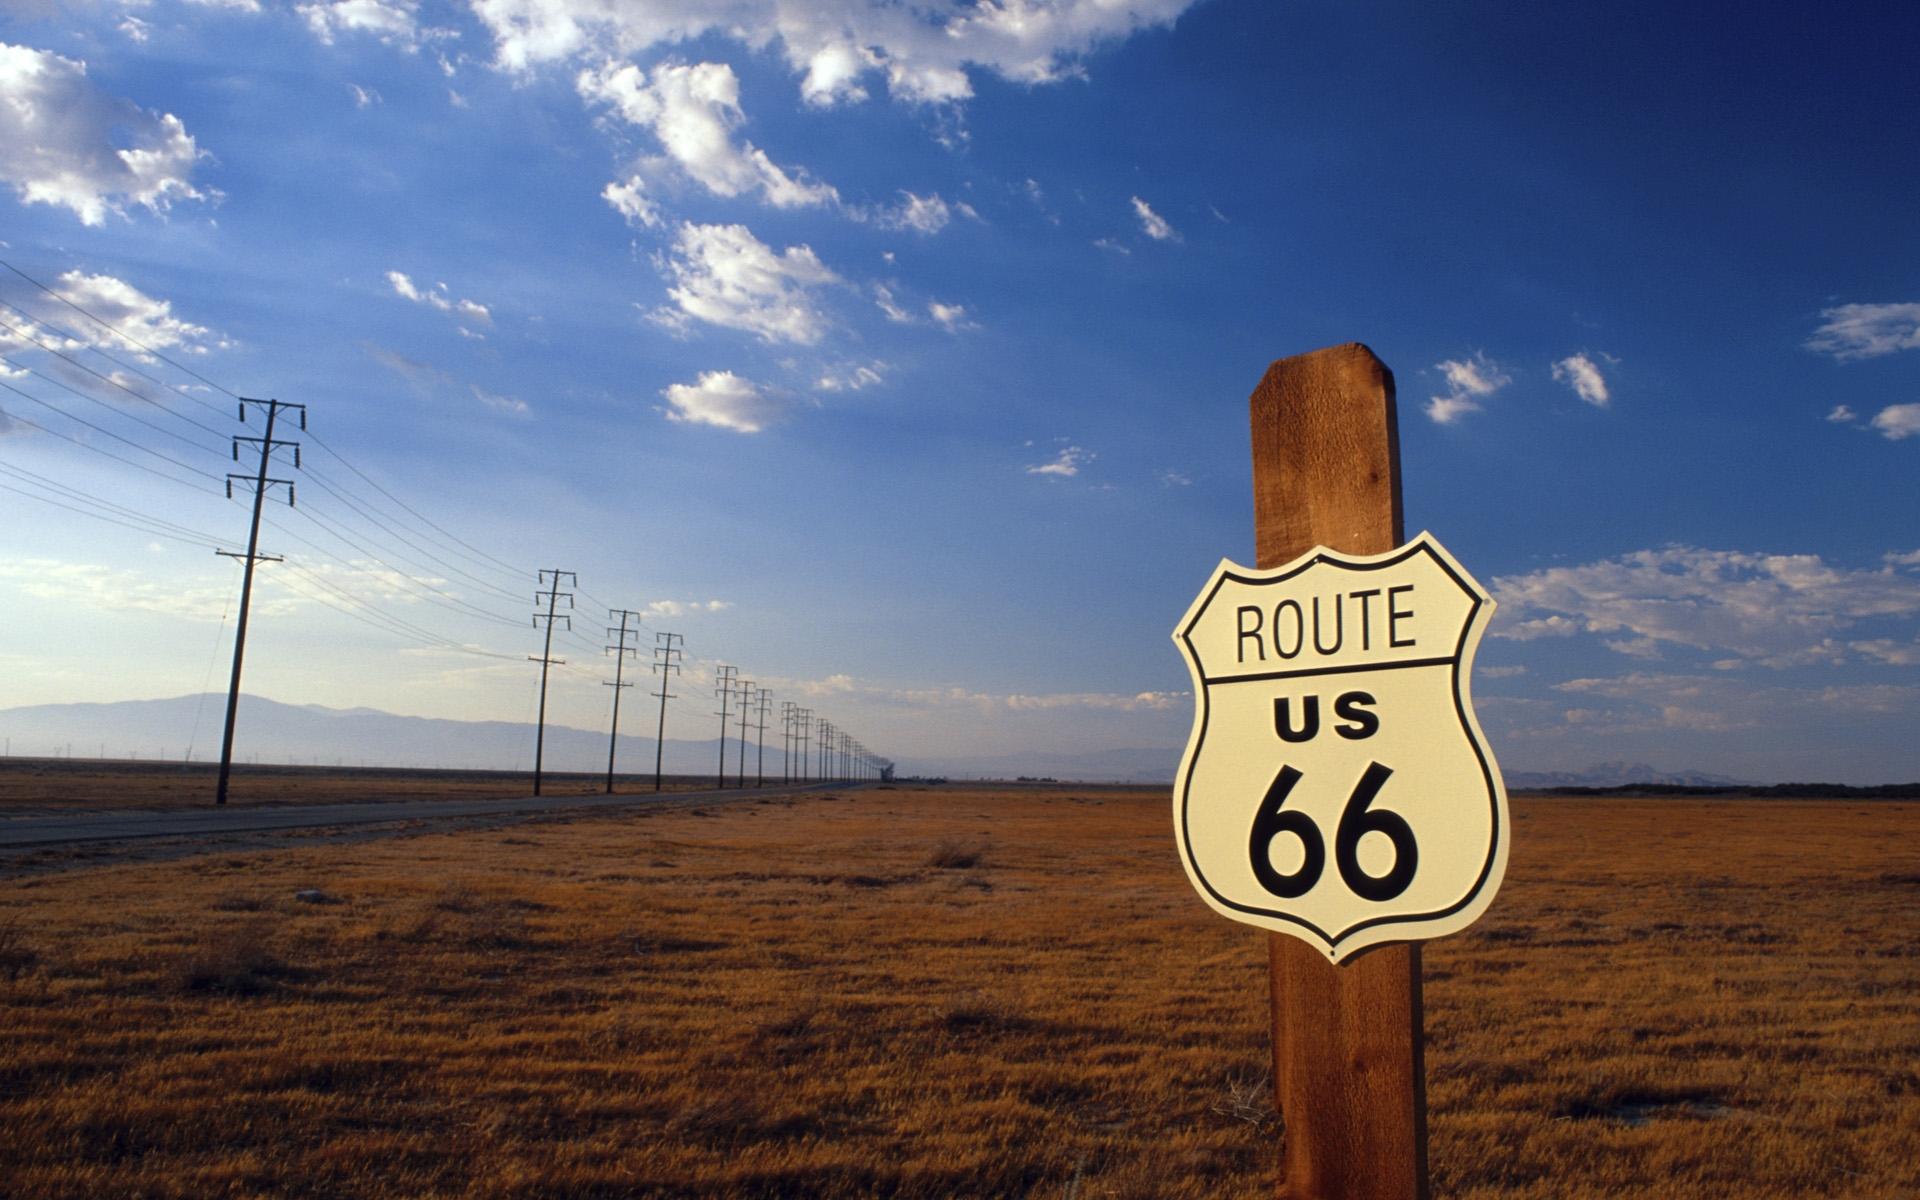 美国66号公路壁纸